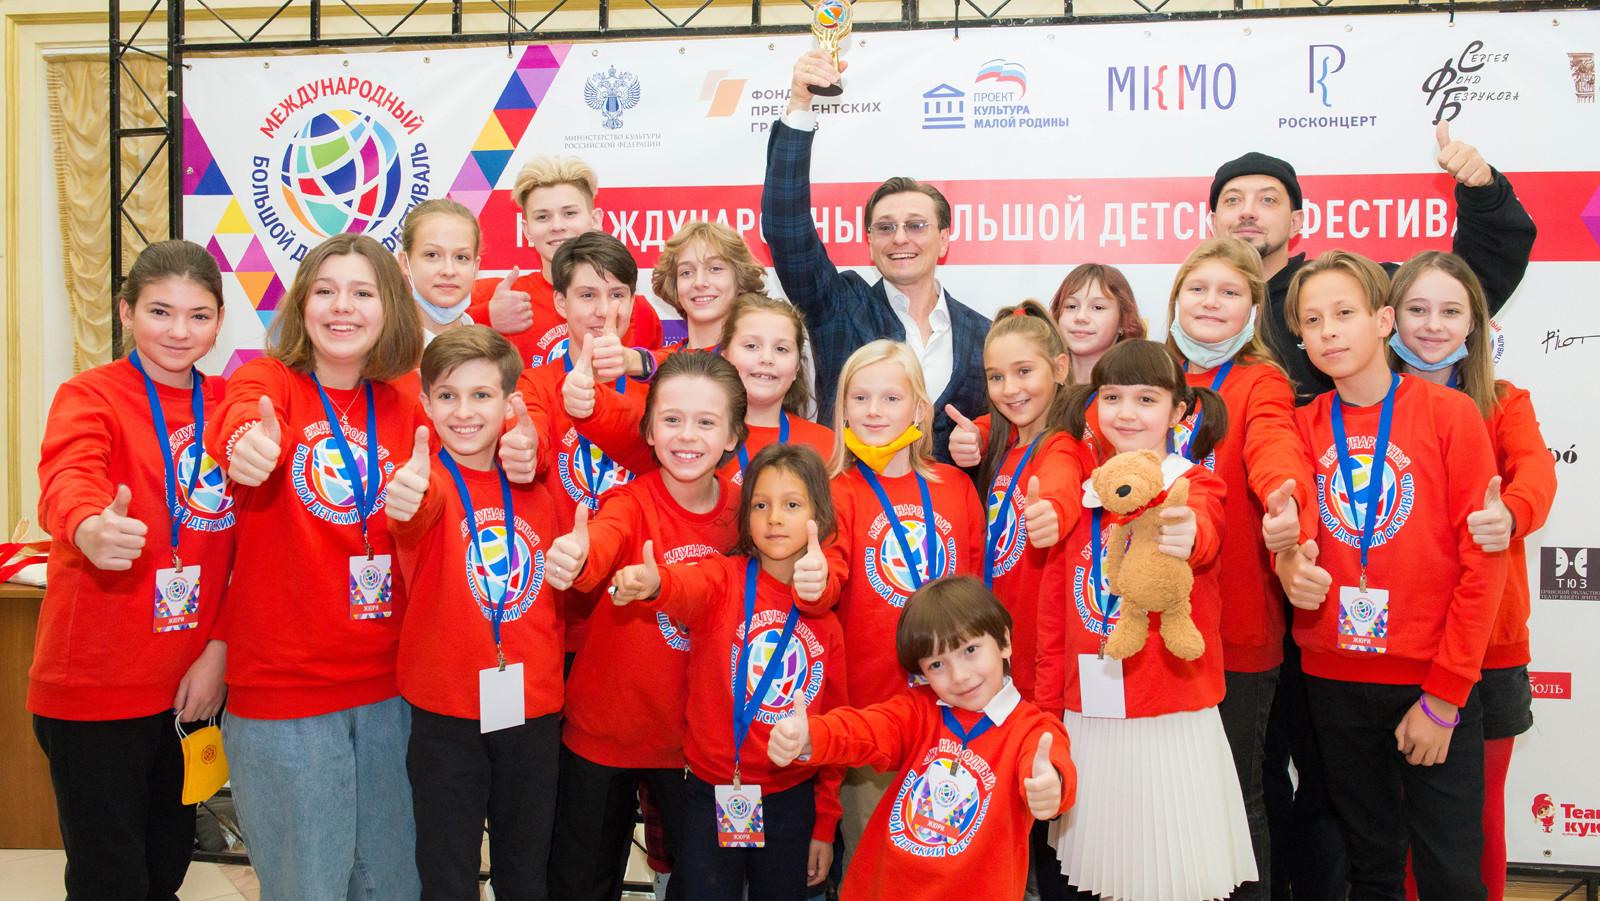 Итоги международного Большого детского фестиваля подведут 30 ноября